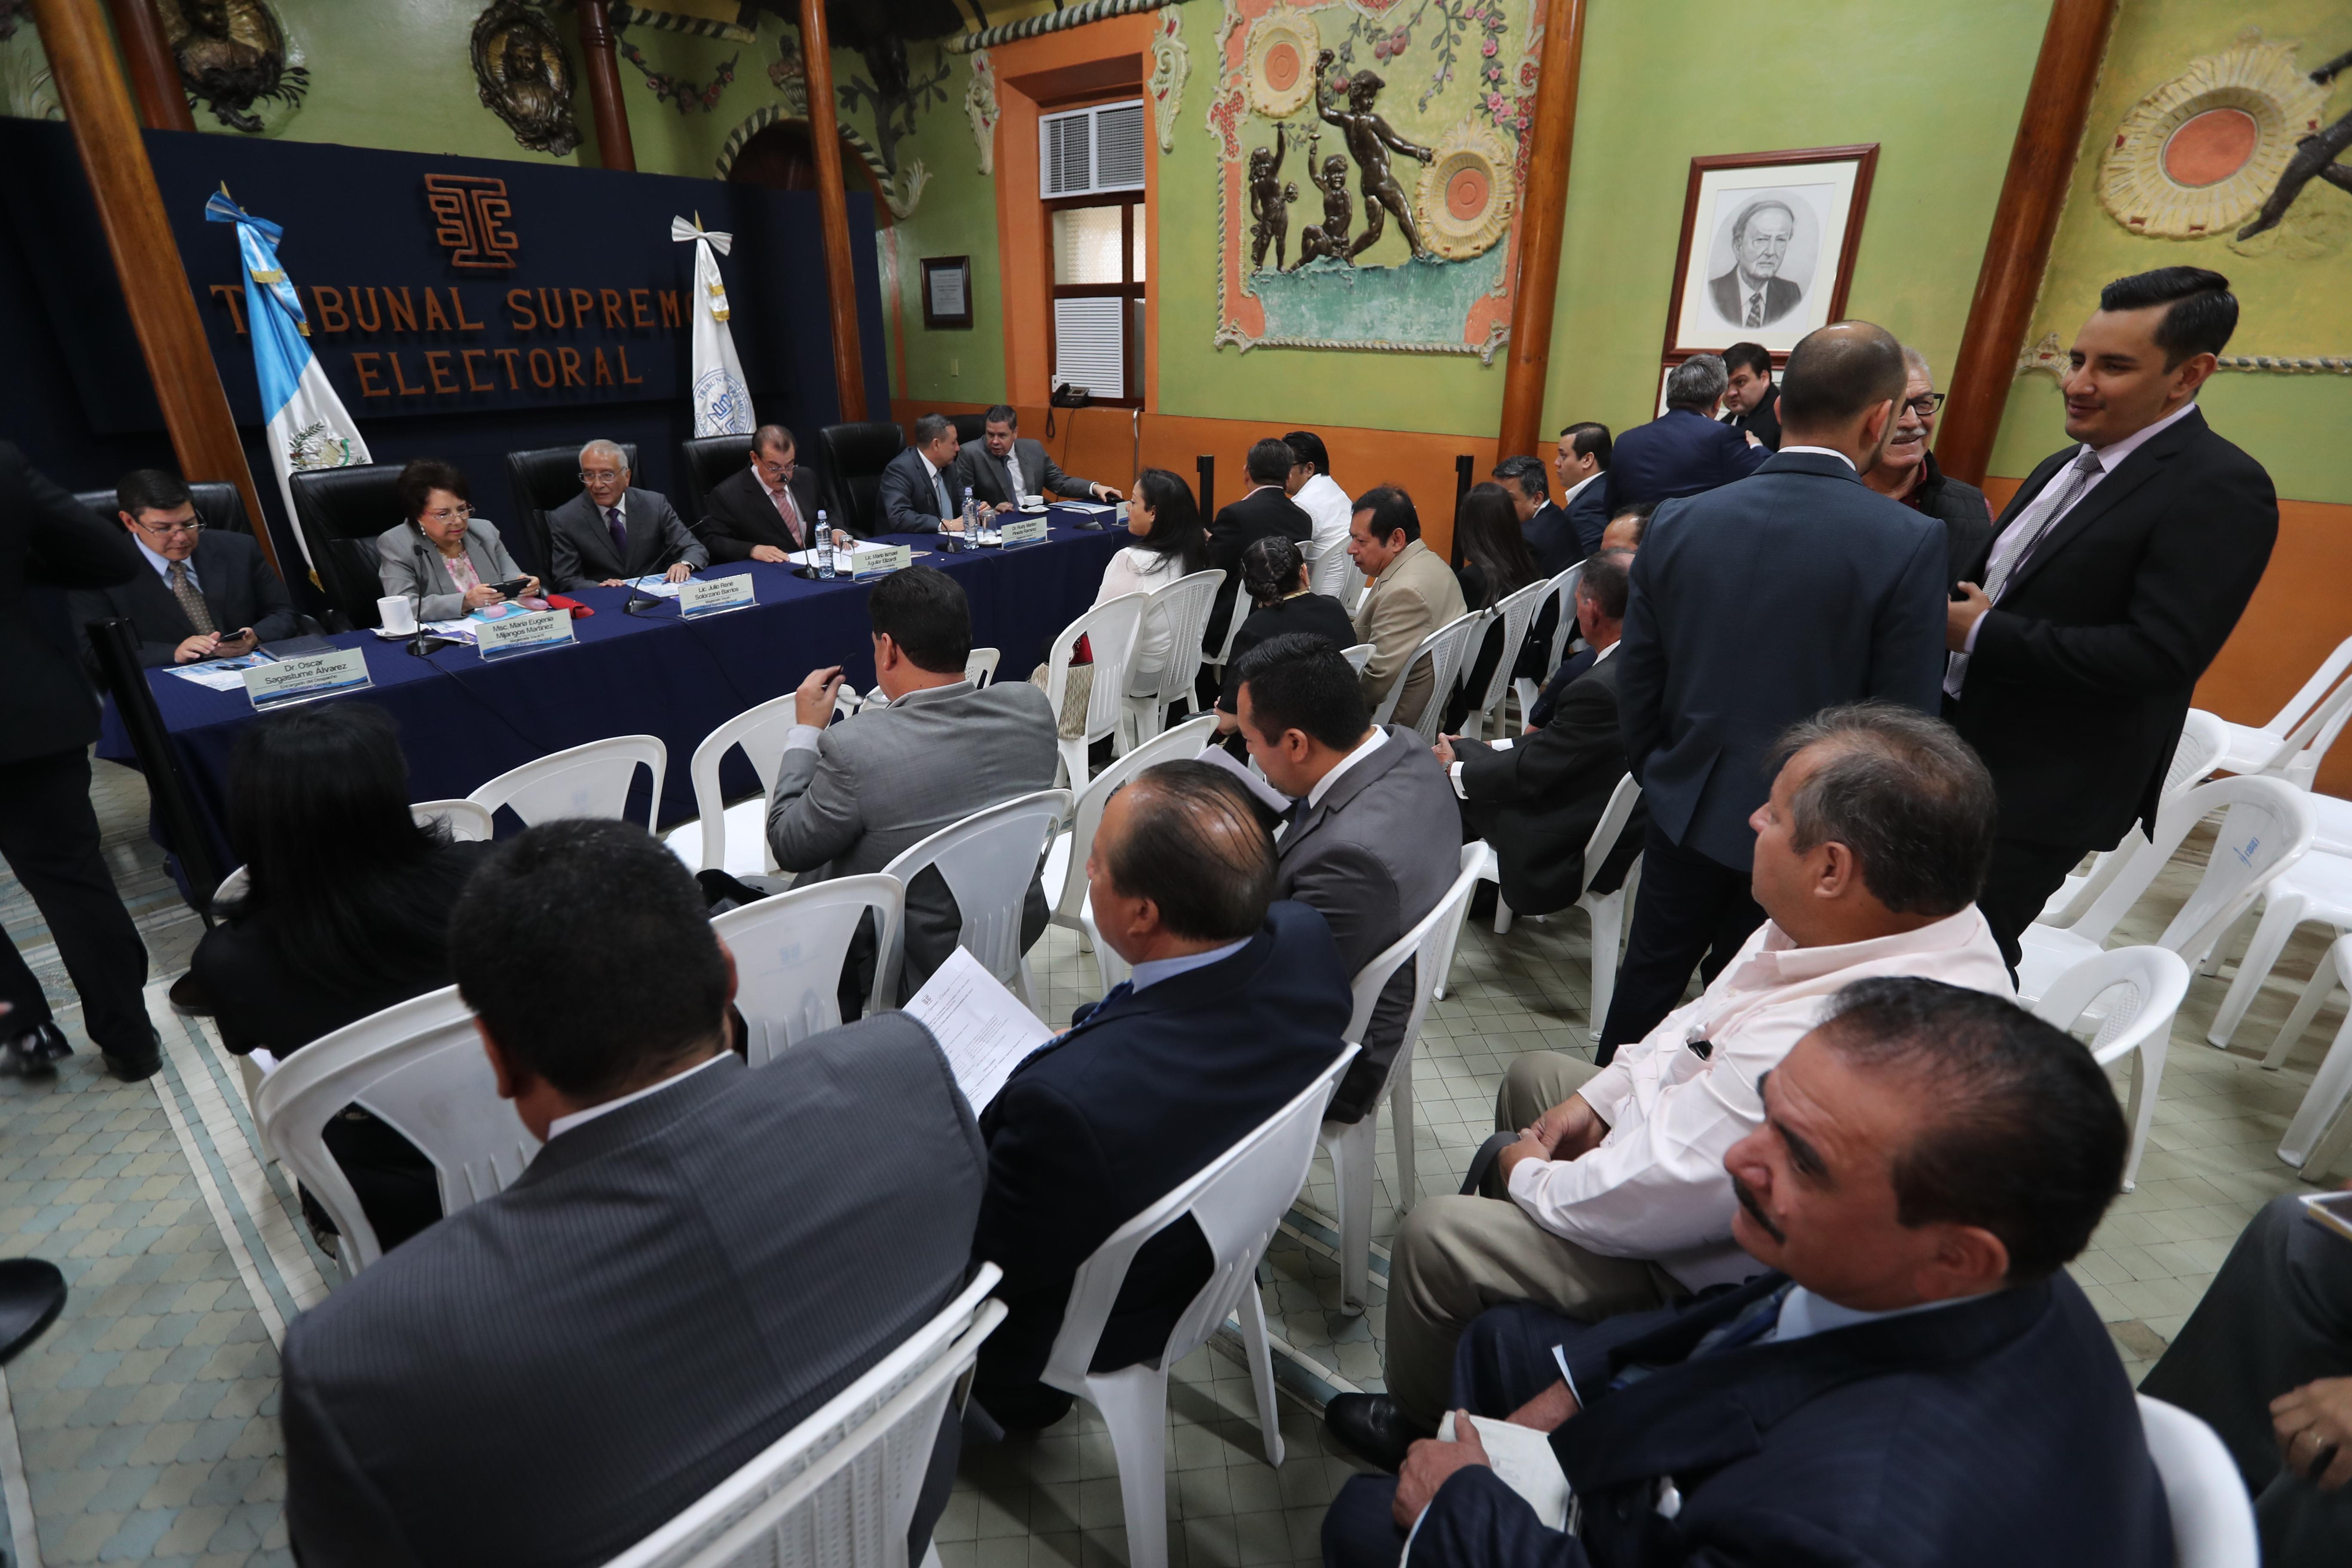 Partidos podrían ser sancionados por haber pautado en Facebook y Twitter para promover candidatos, lo cual está prohbido. (Foto Prensa Libre: Érick Ávila)